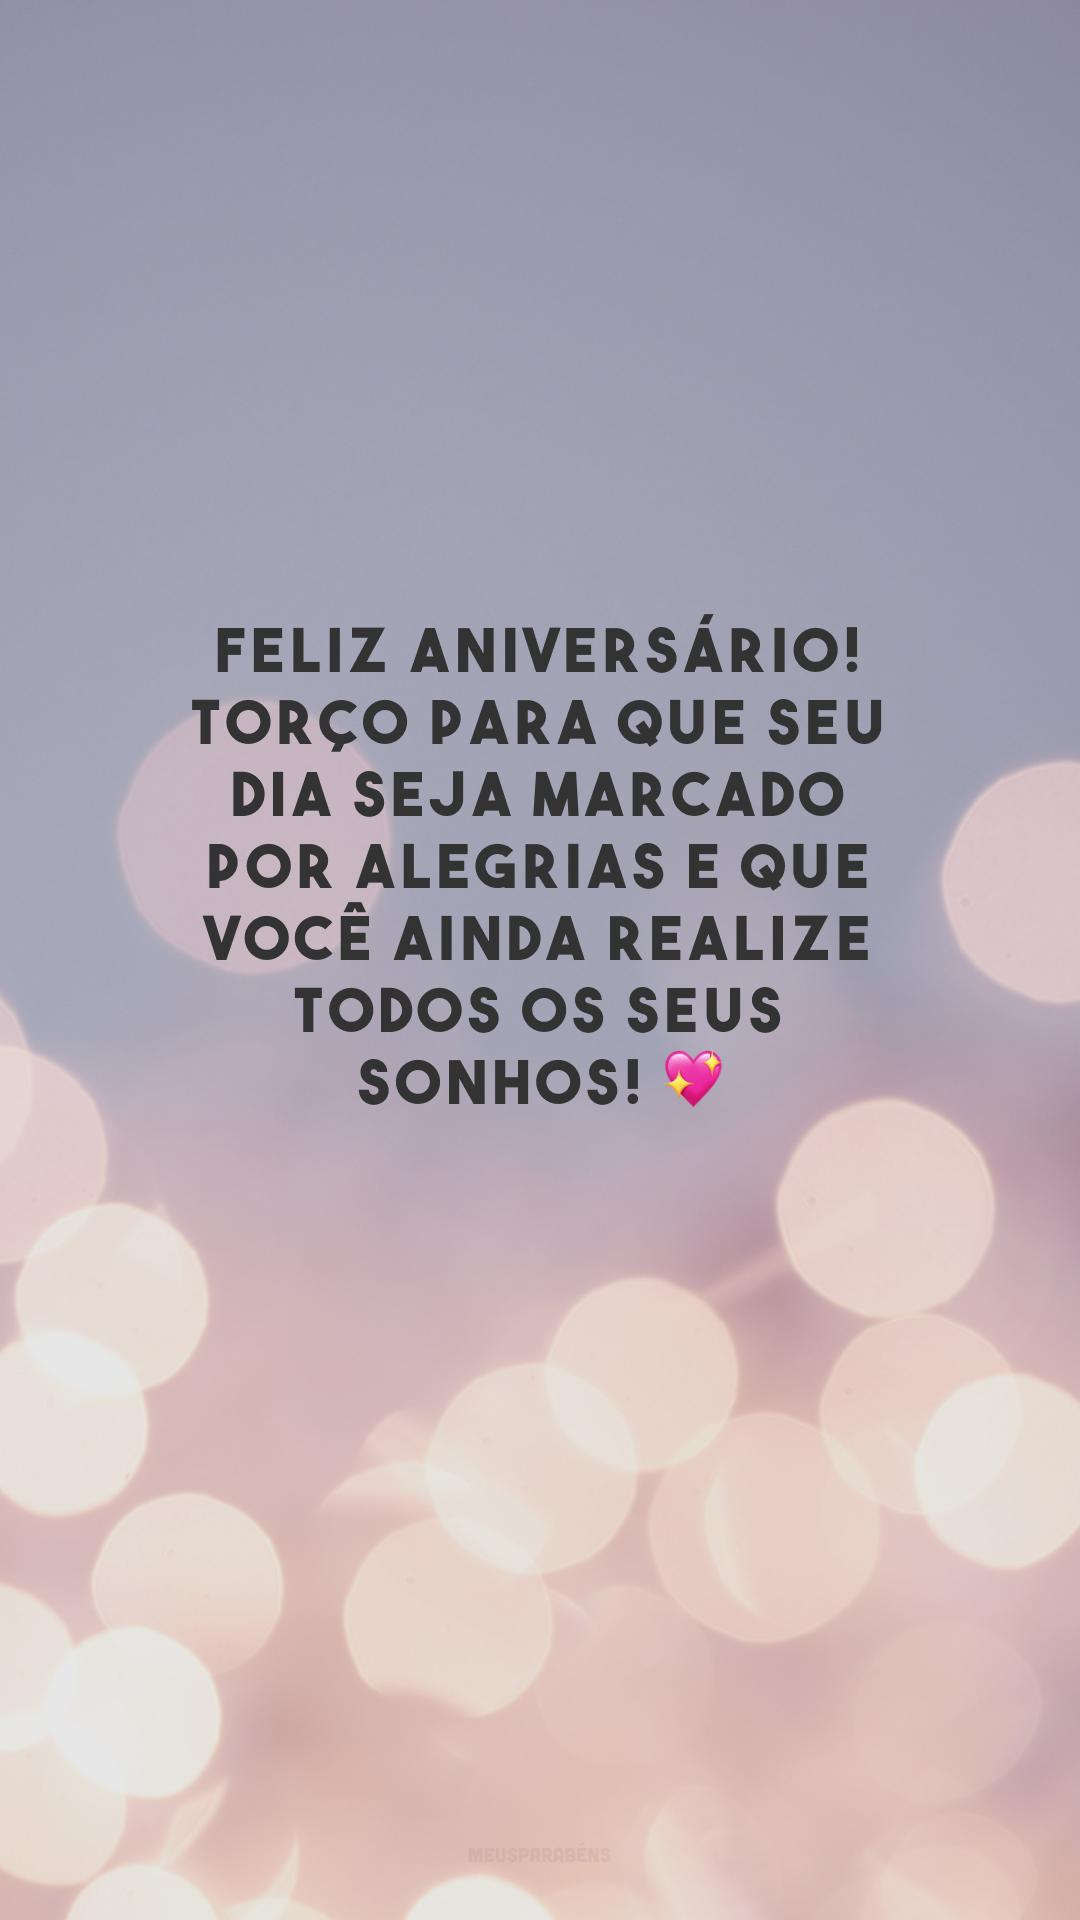 Feliz aniversário! Torço para que seu dia seja marcado por alegrias e que você ainda realize todos os seus sonhos! 💖